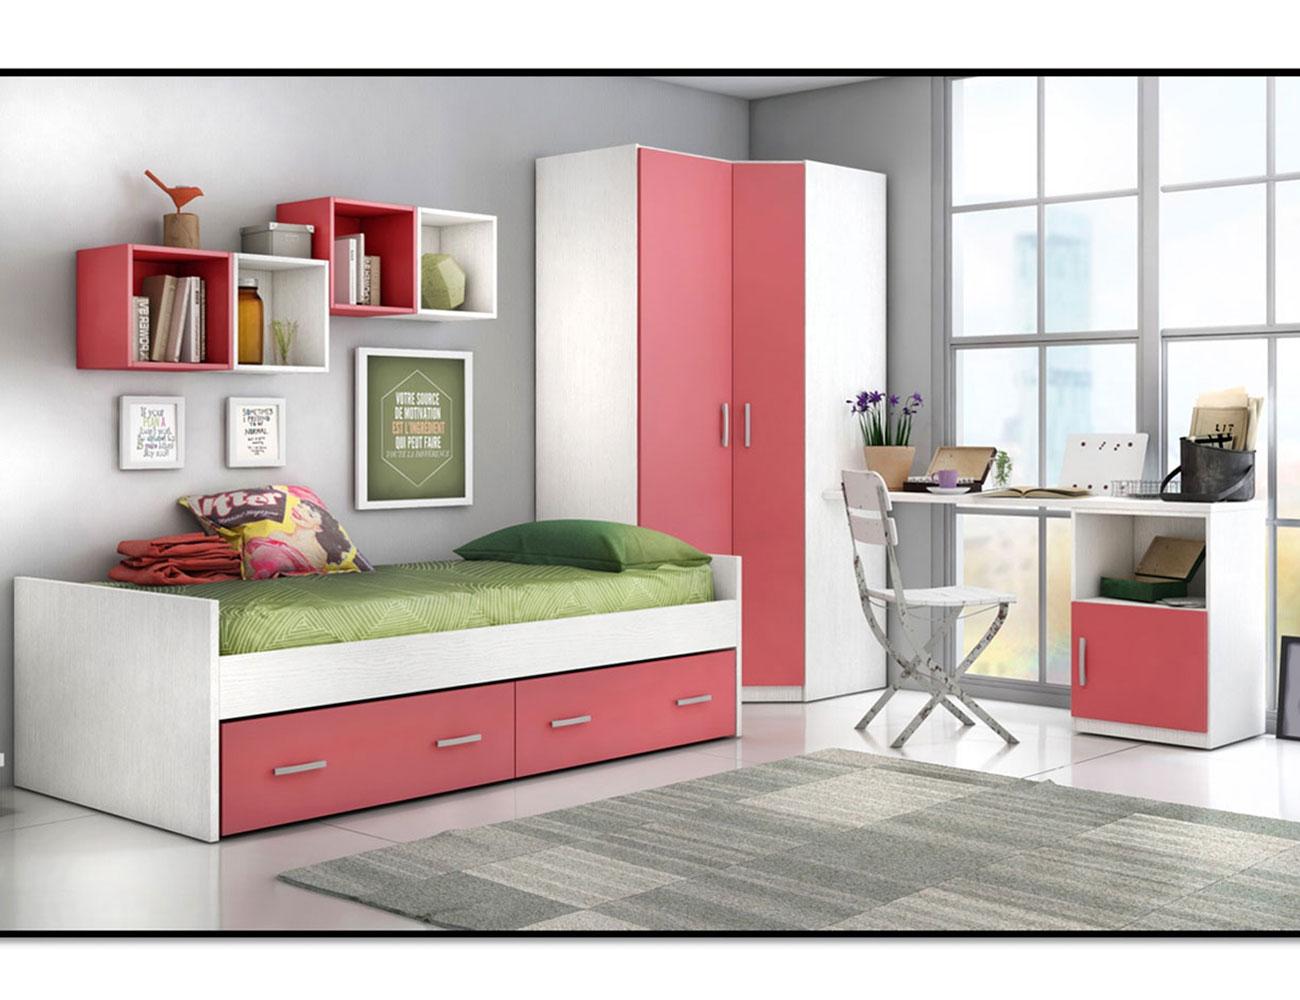 03 dormitorio juvenil cama nido